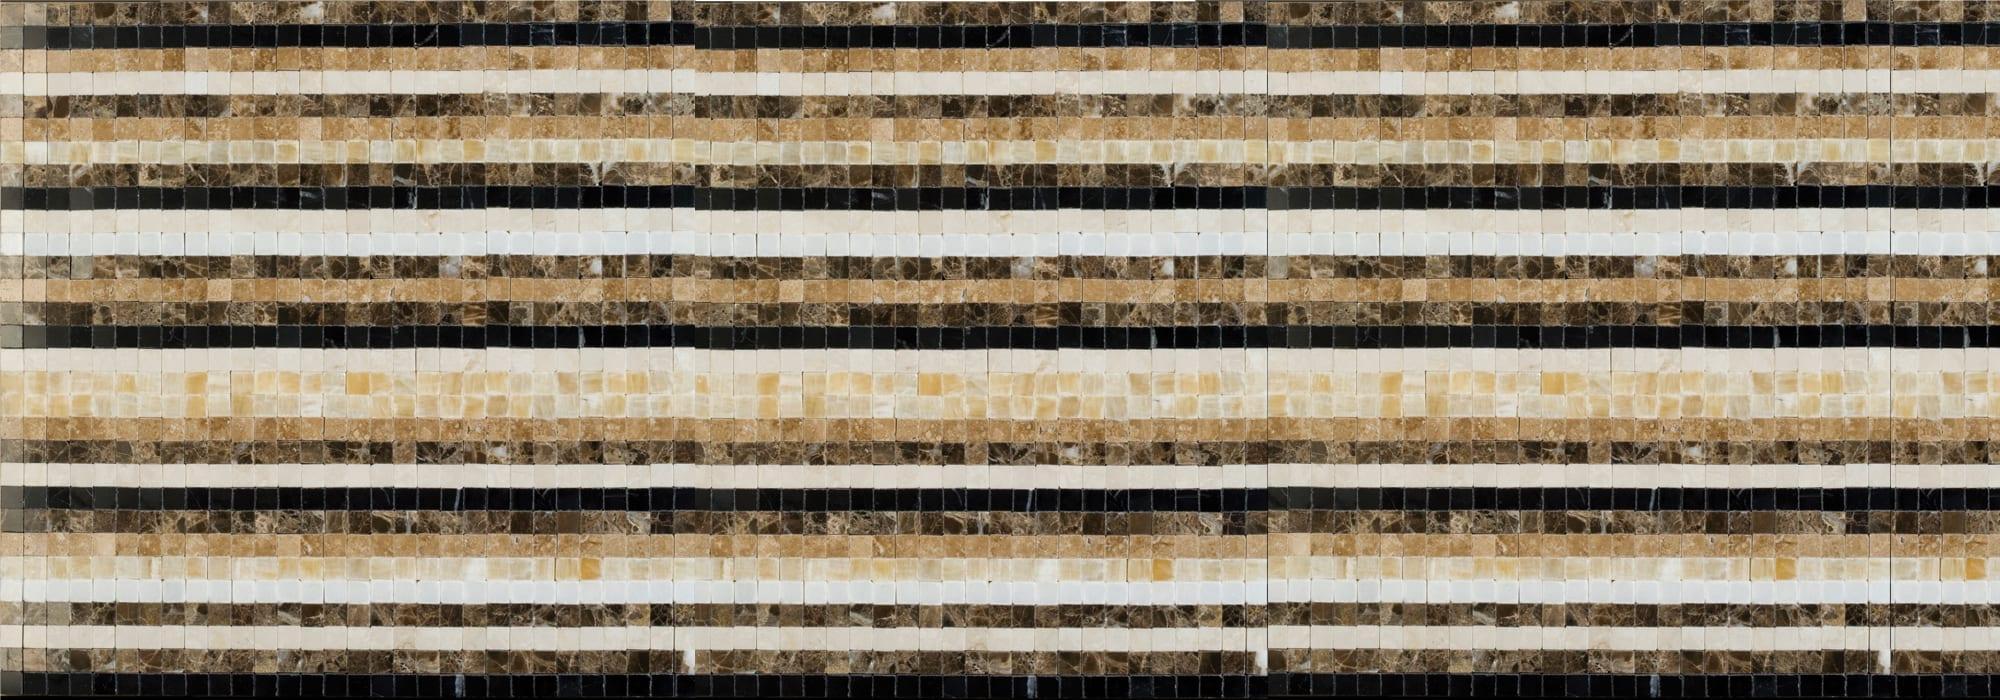 Corduroy Stone Mosaic by Milstone